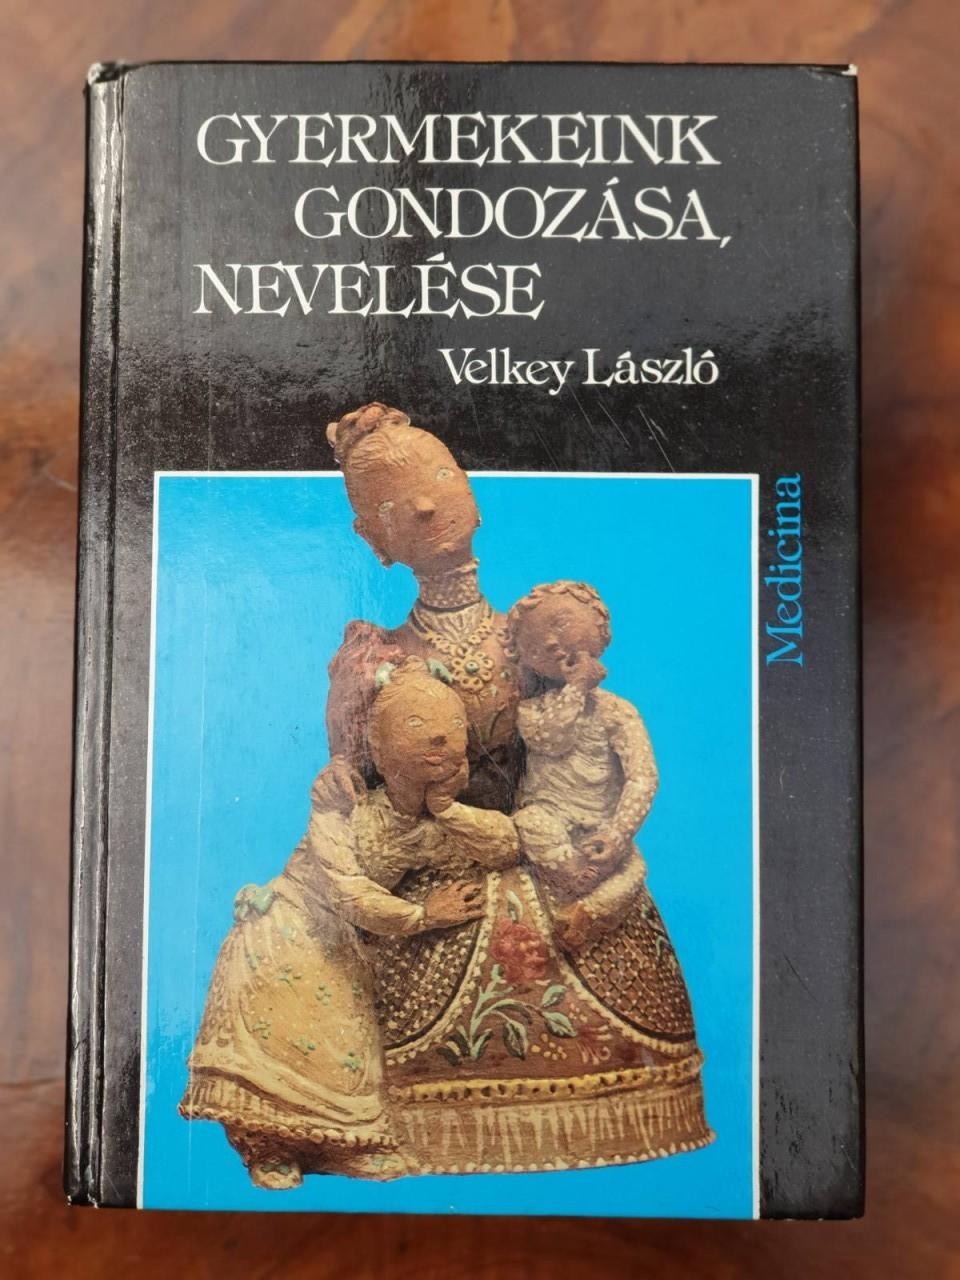 Antikvár könyv - Gyermekeink gondozása, nevelése - 1984